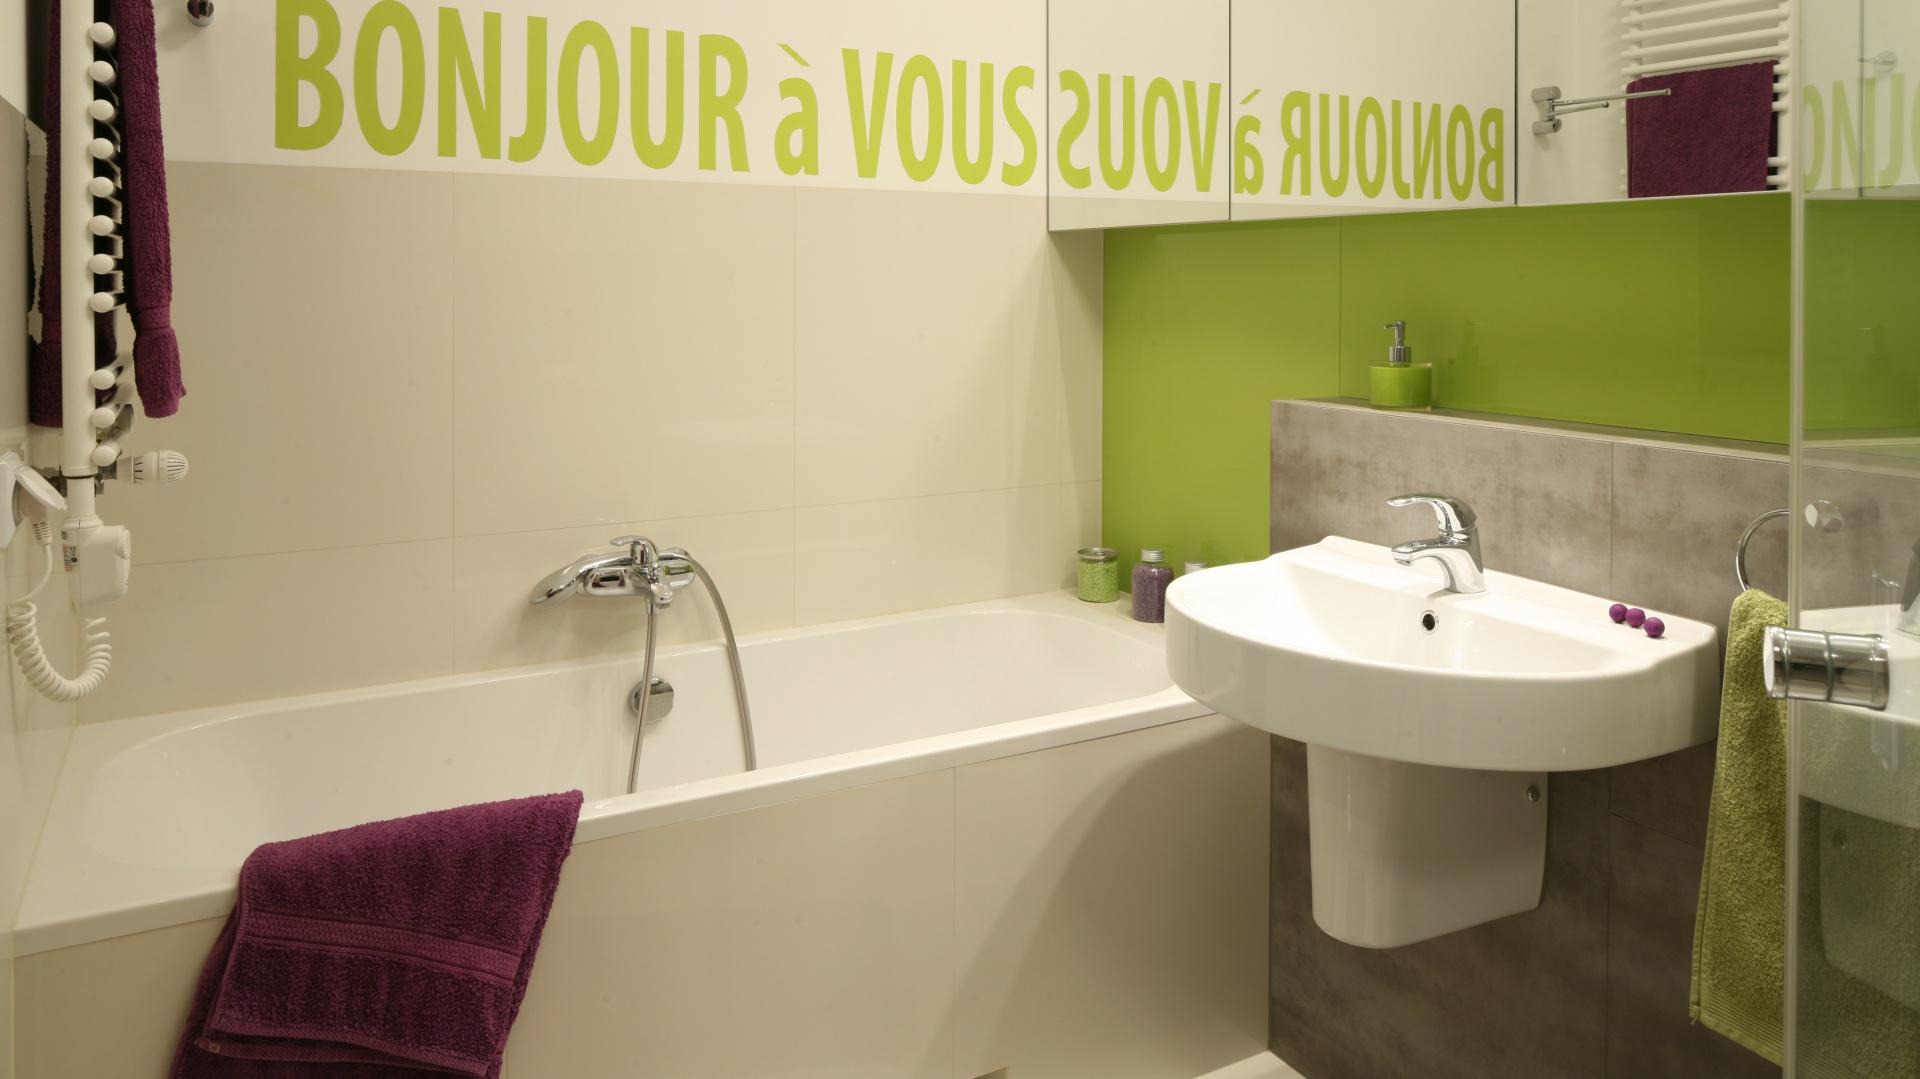 Na małej powierzchni łazienki dla czteroosobowej rodziny starannie wykorzystano każdy metr. Znalazło się tu miejsce zarówno na wannę, jak i kabinę prysznicową. Napis w zielonym kolorze w łazience dla rodziny właściciele namalowali własnoręcznie. Specjalny szablon, który ułatwił im pracę, zamówiono w agencji reklamowej. Projekt: Mart Kruk. Fot. Bartosz Jarosz